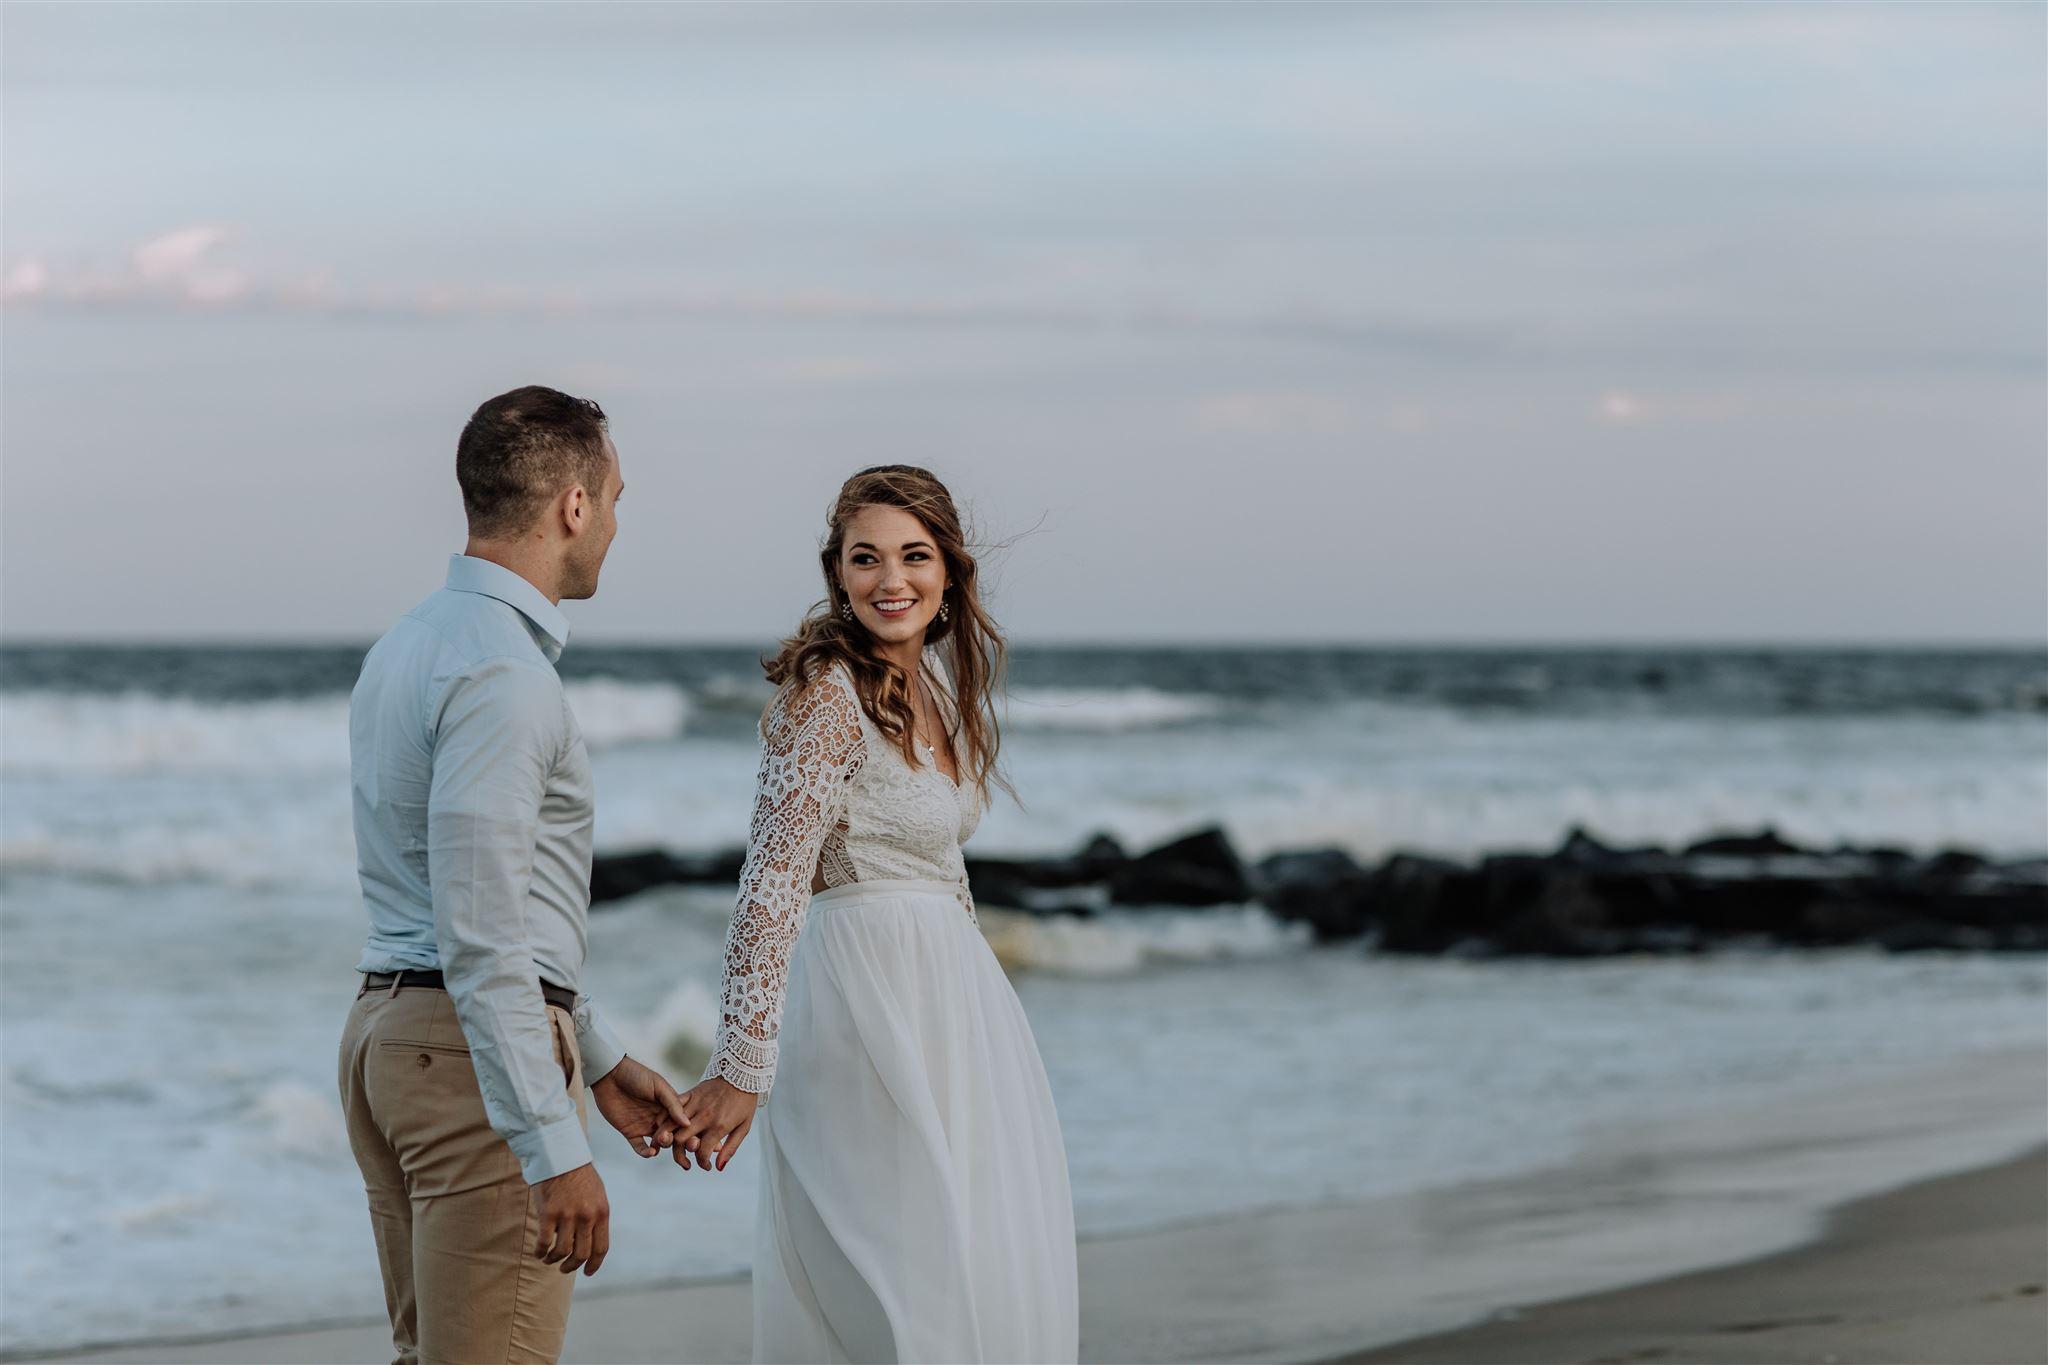 Couples beach Nuptial nudity: